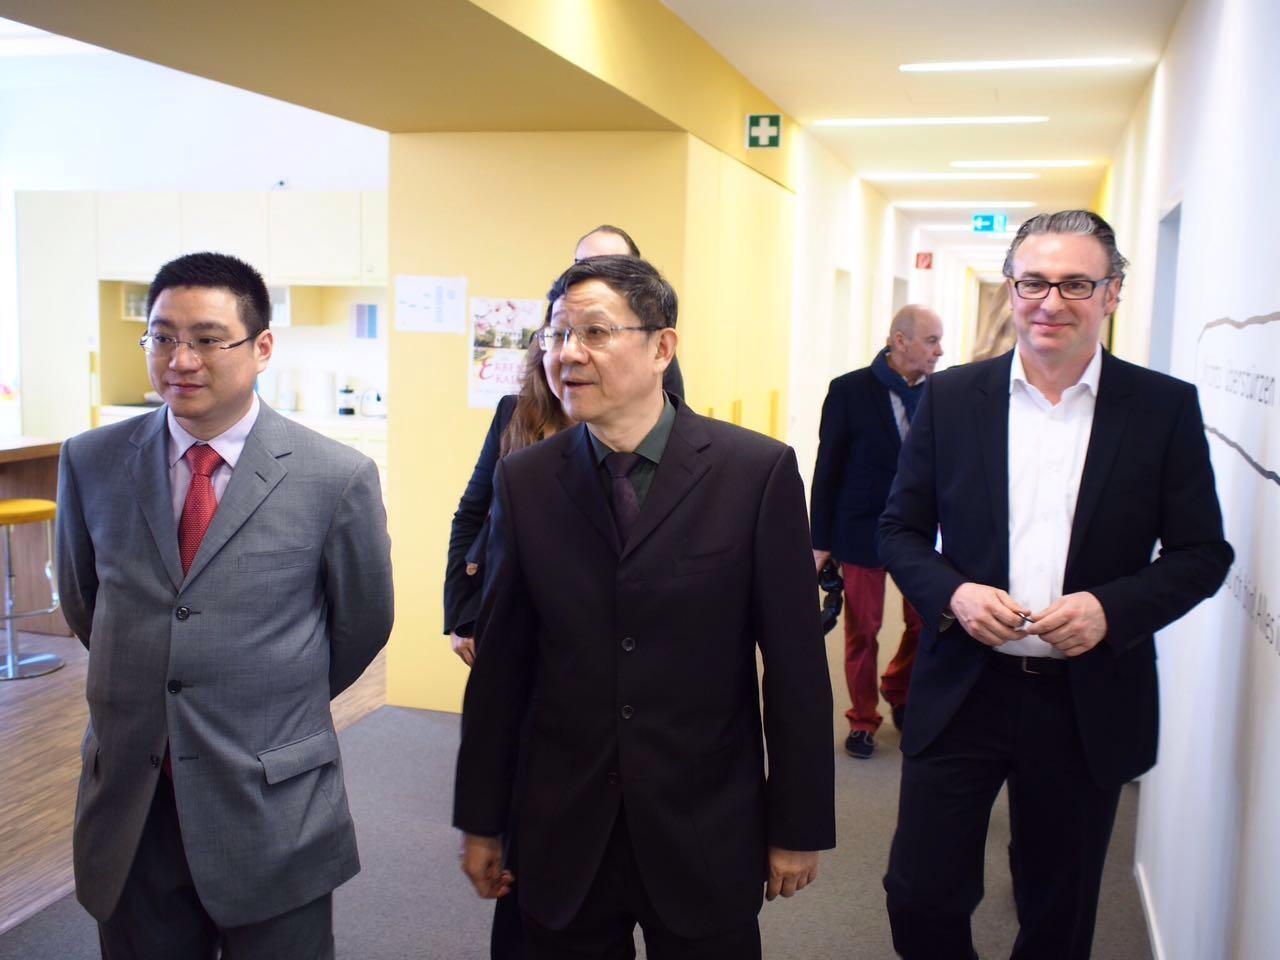 华媒控股赵晴董事长与精典博维总经理陈黎明先生参观吕贝集团总部